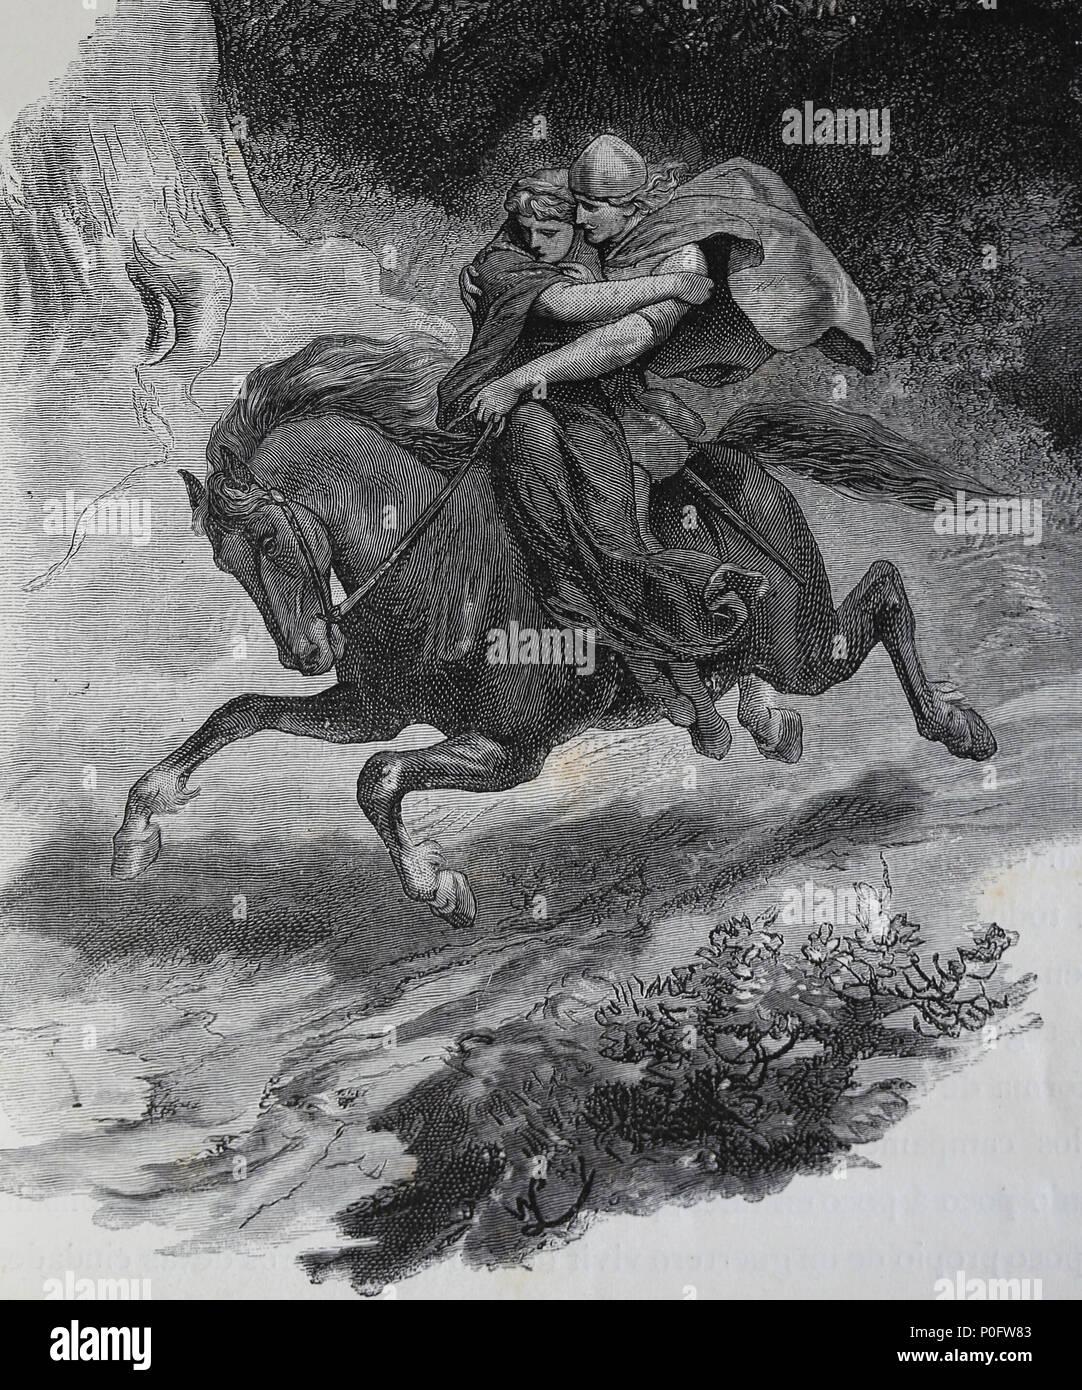 Chef de la tribu germanique Cherusci Arminius (17 BC-21 AD) enlevé et marié avec Thusnelda (c.10 AC-17 DC). Photo Stock